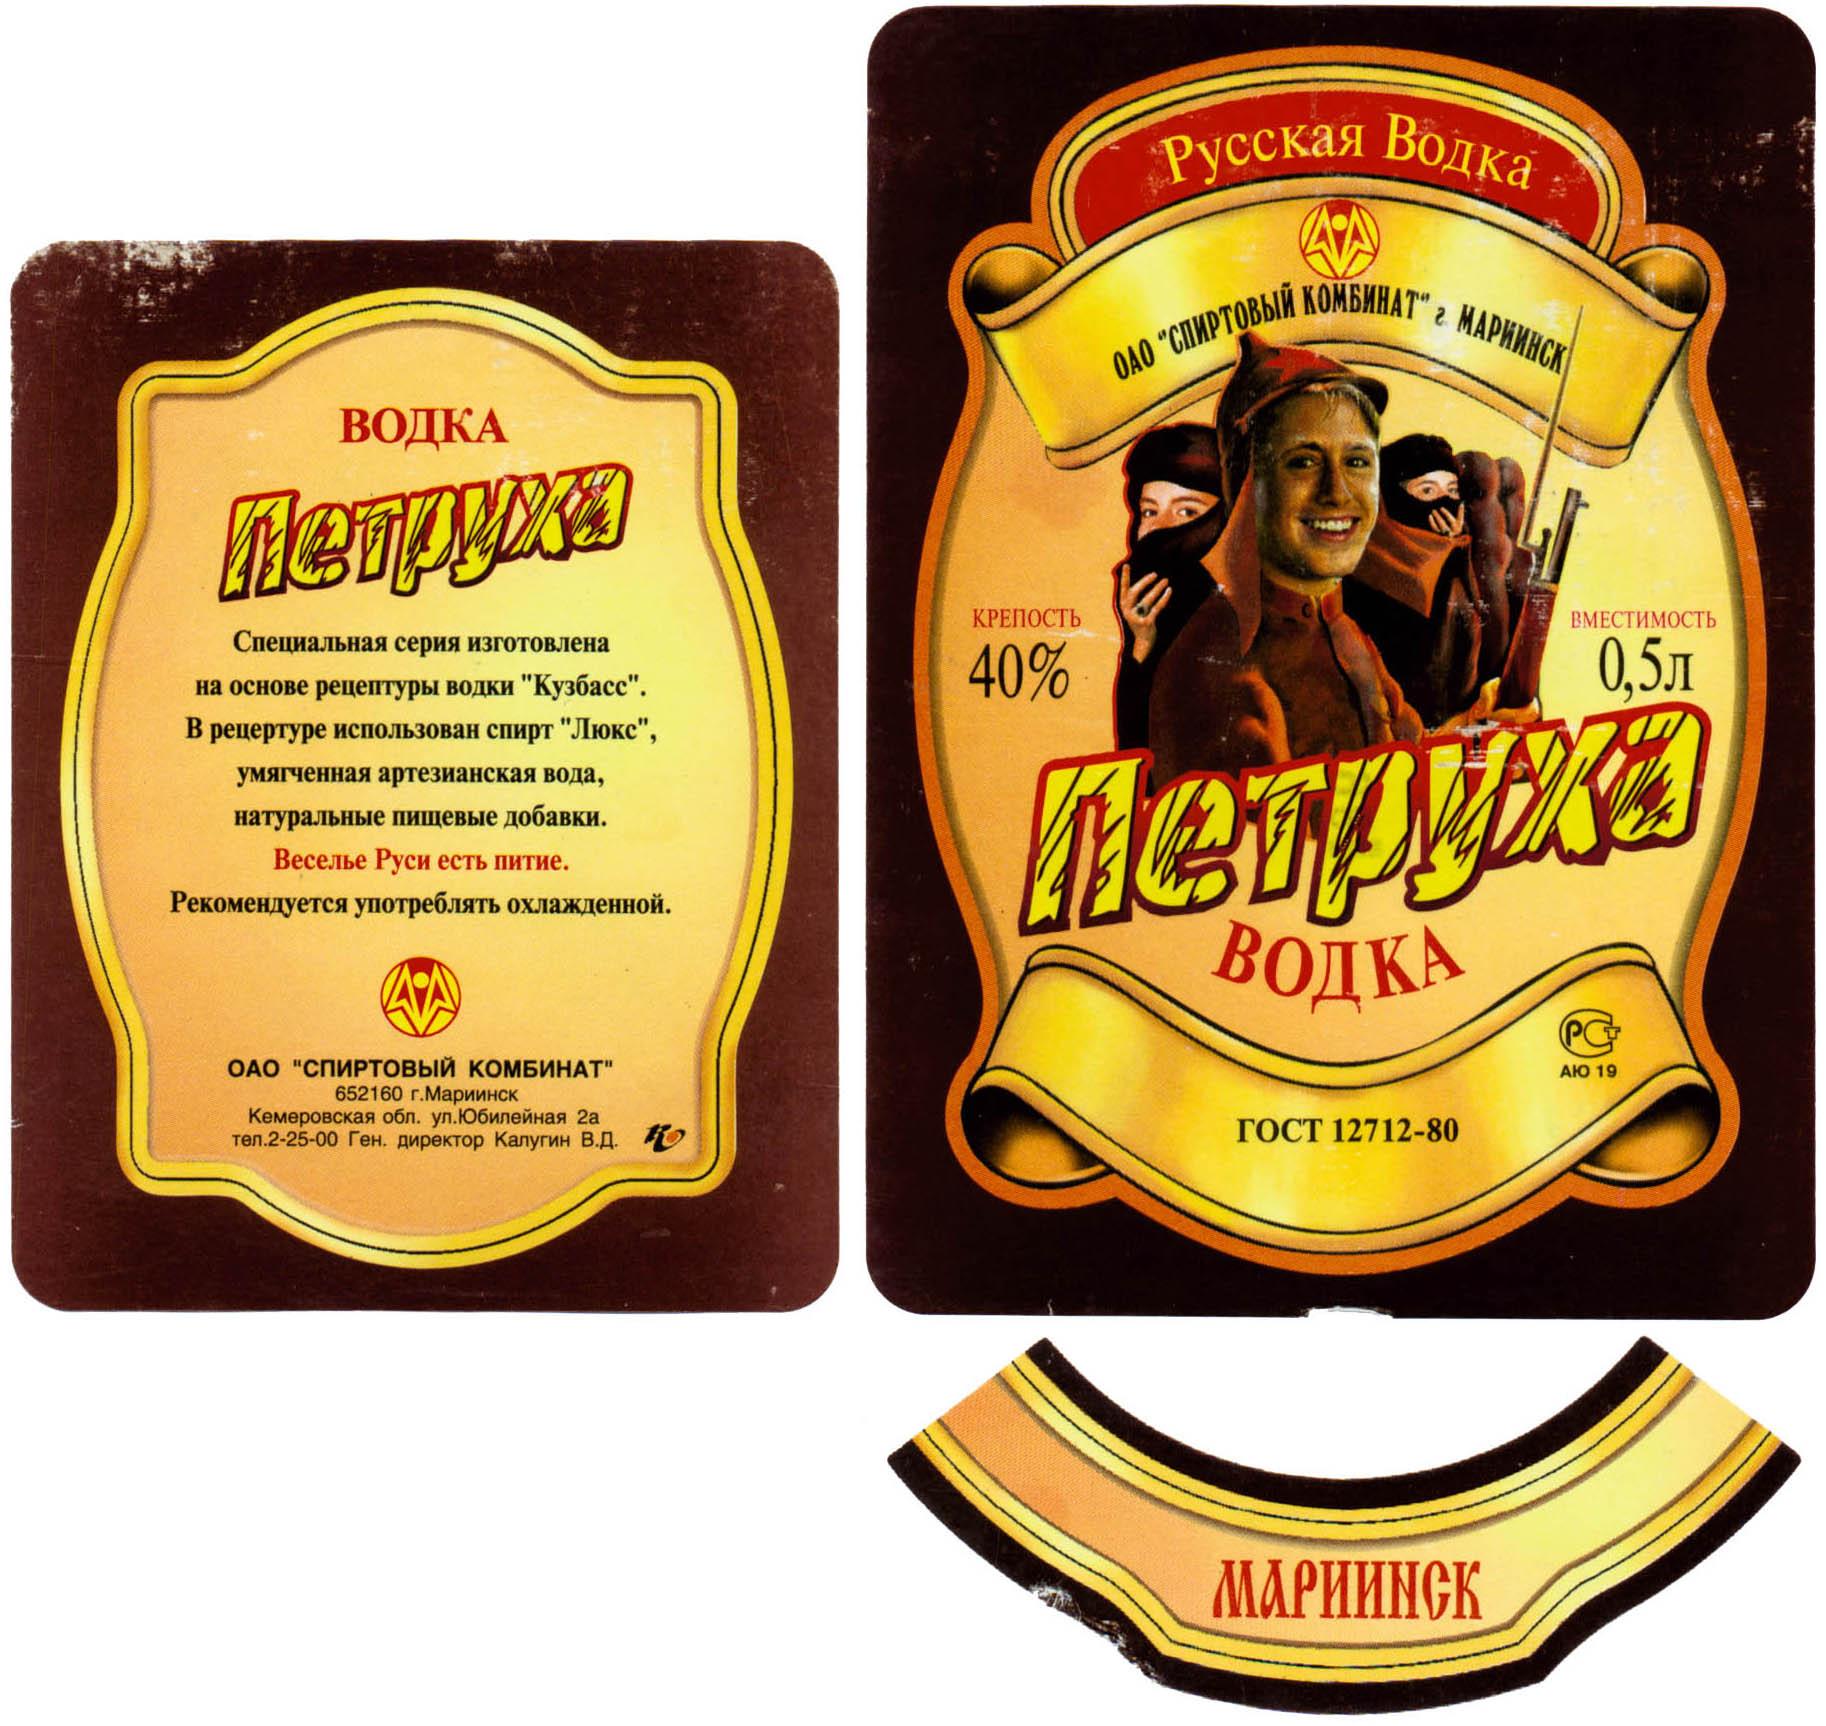 Печать наклеек на бутылку в Москве   фото 6